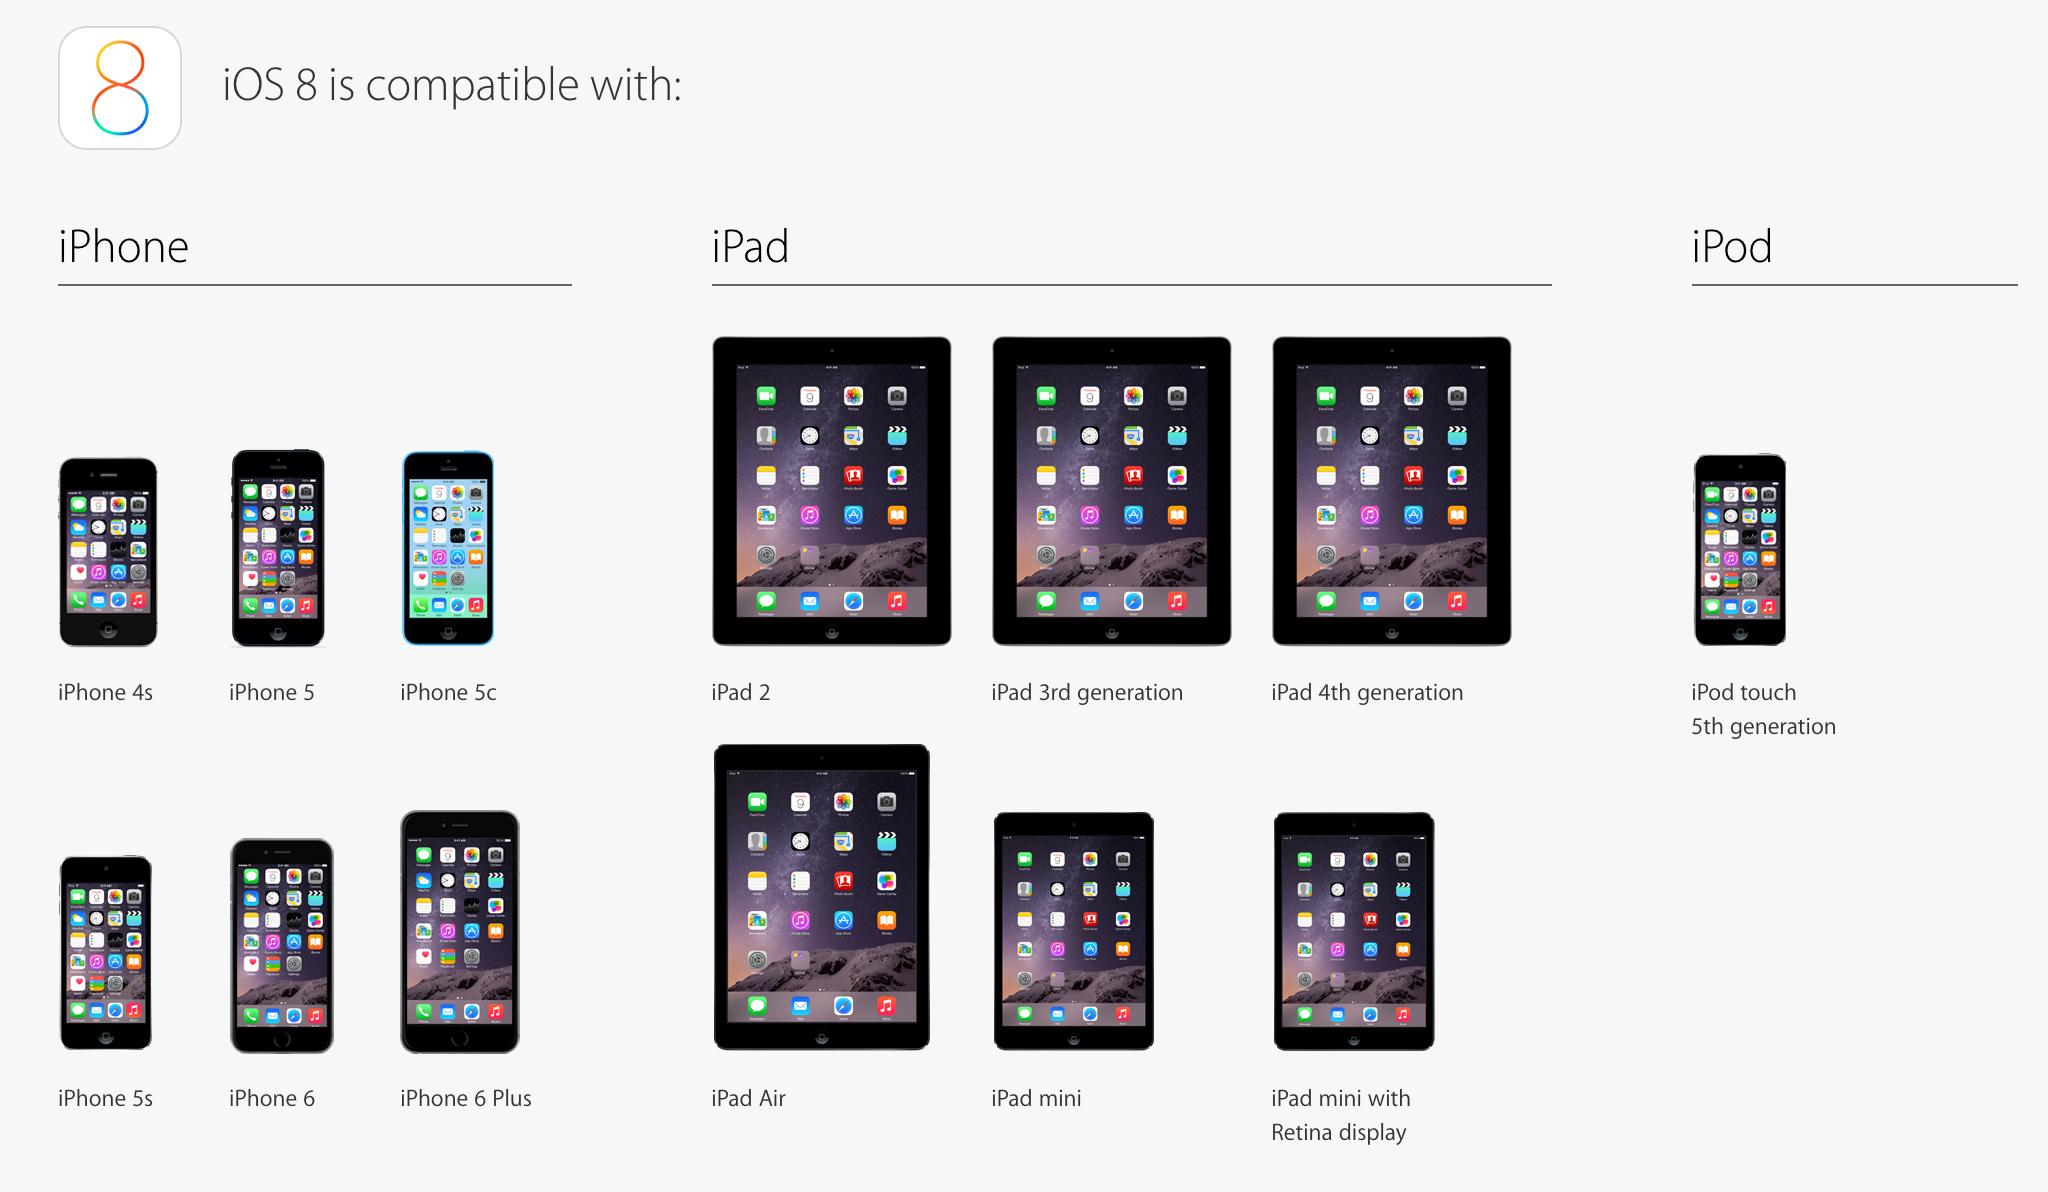 Hướng dẫn nâng cấp và link tải iOS 8 bản chính thức cho iPhone, iPad